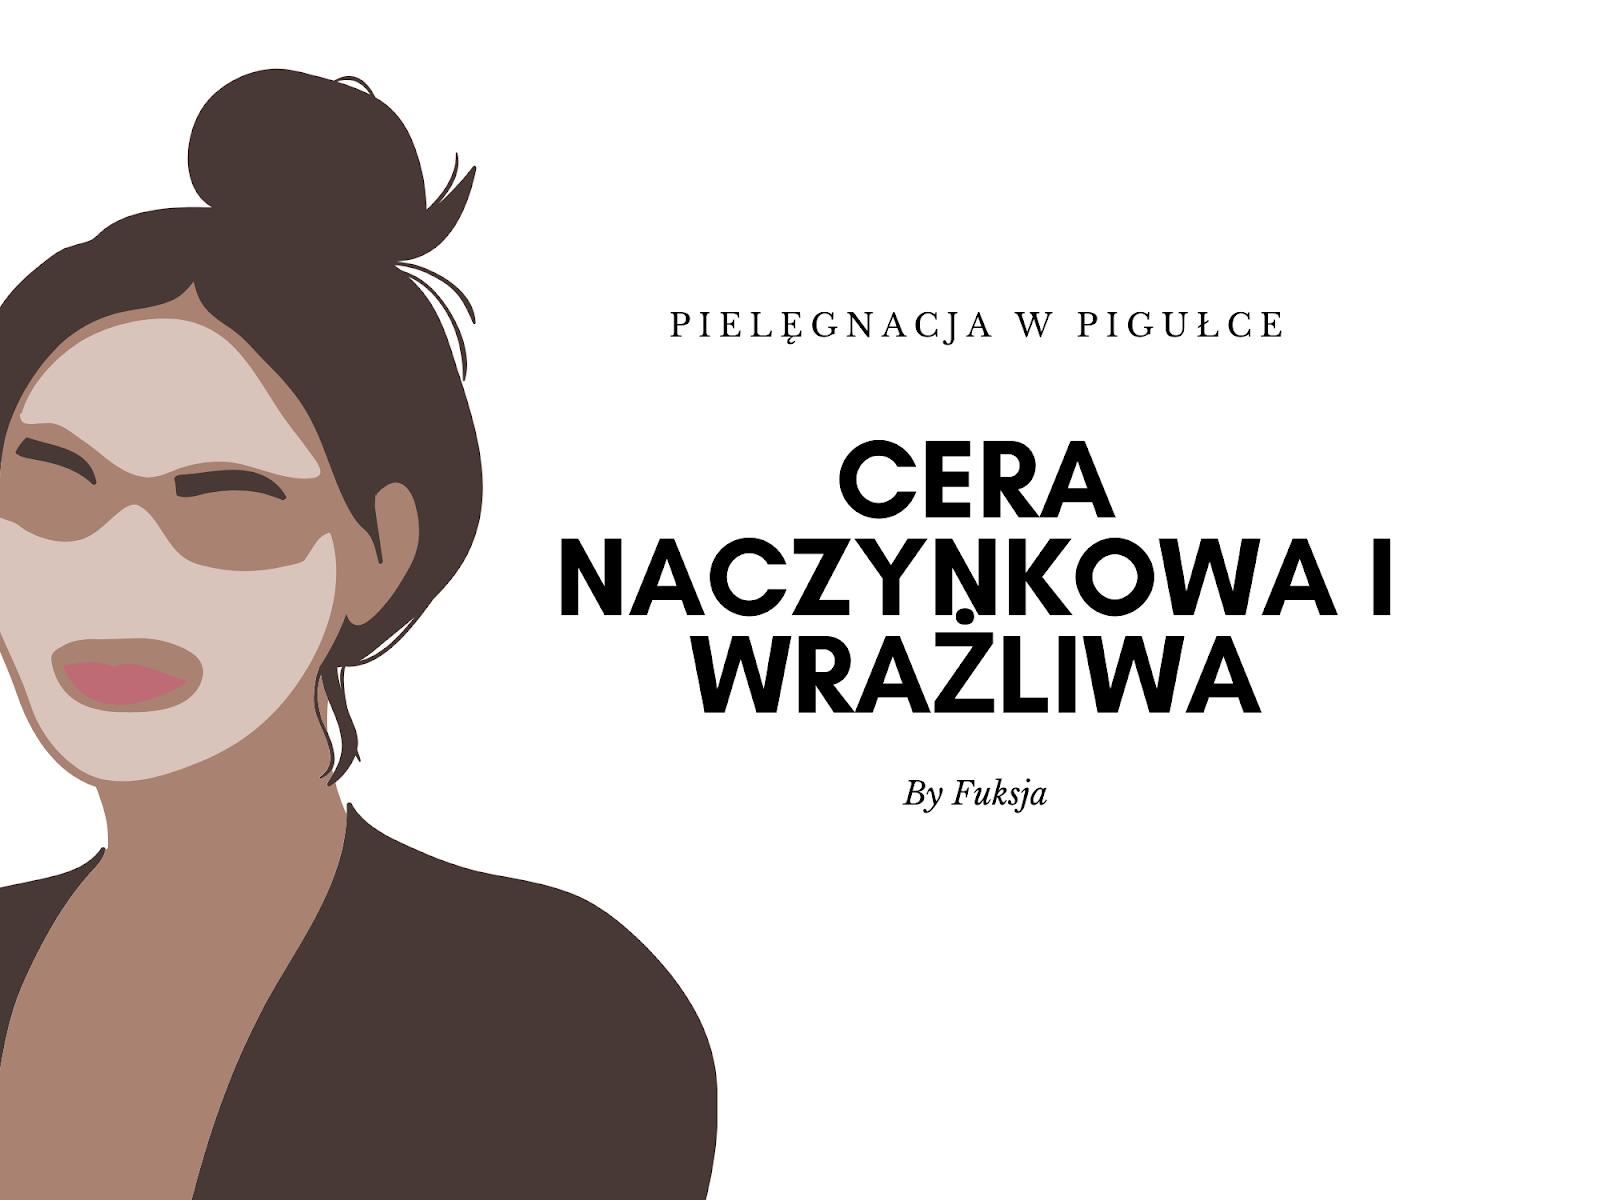 Cera Naczynkowa i Wrażliwa